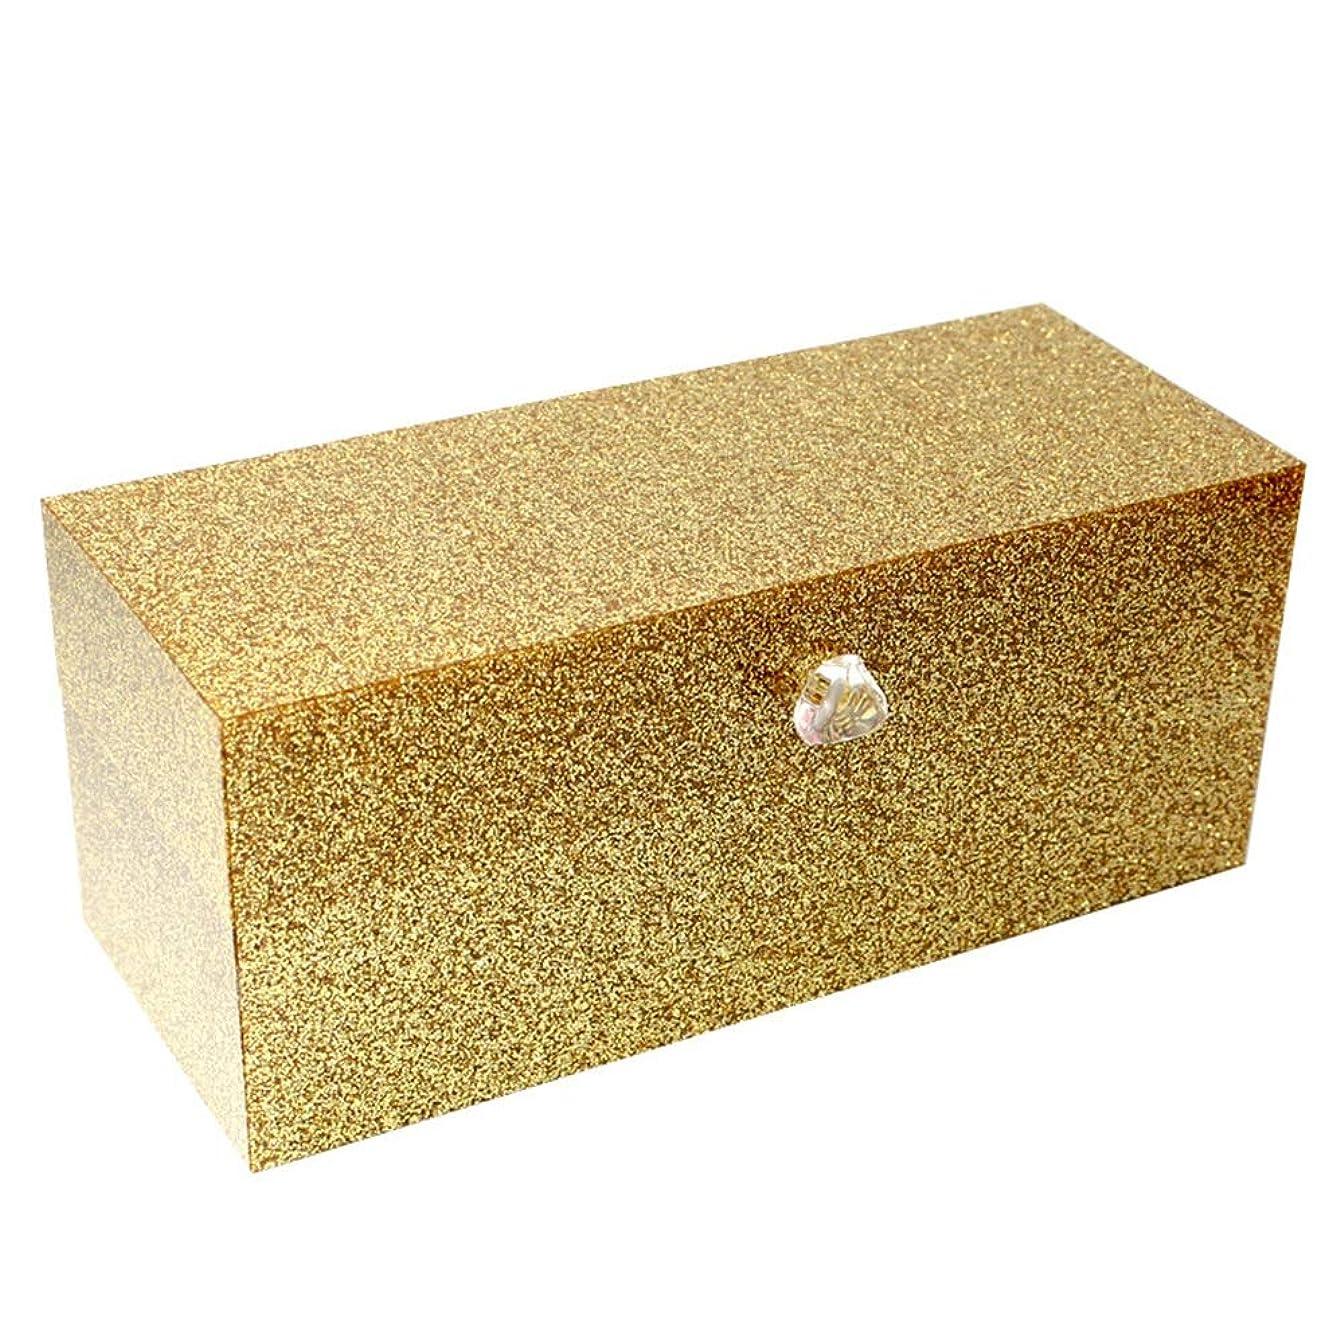 提供悪のワードローブ整理簡単 口紅のアクリルの付属品を収納するための24のコンパートメントが付いている簡単な構造の貯蔵ふたが付いているオルガナイザー(金) (Color : Gold, Size : 23*9.5*9.2CM)